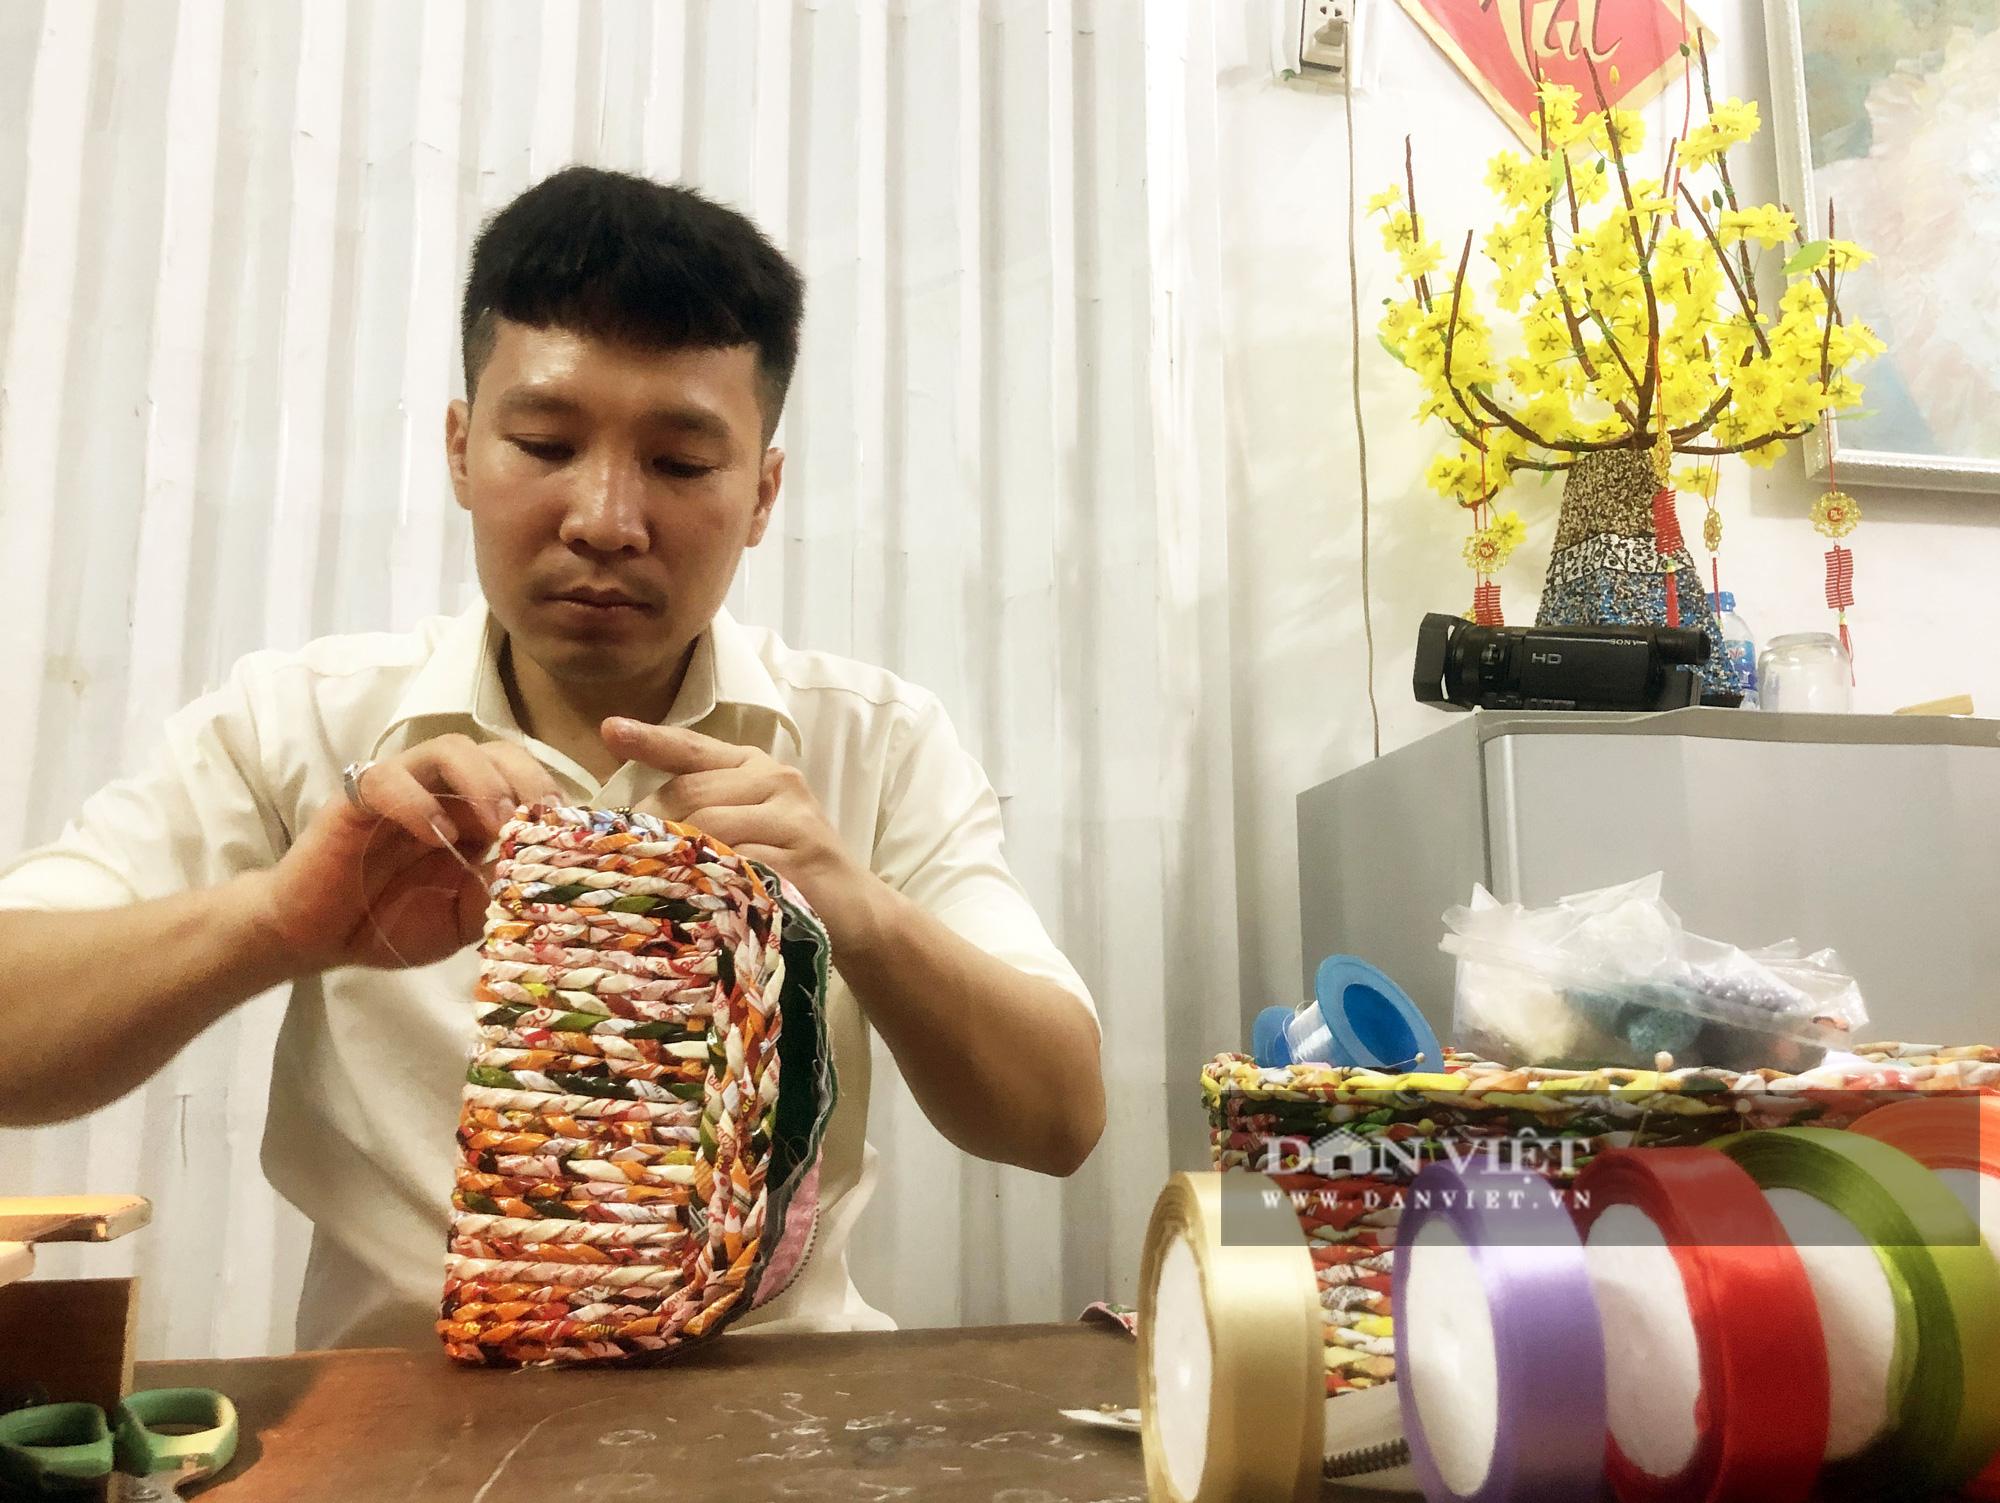 Ngỡ ngàng bộ sưu tập túi xách từ vỏ mì gói của thầy giáo mỹ thuật - Ảnh 5.